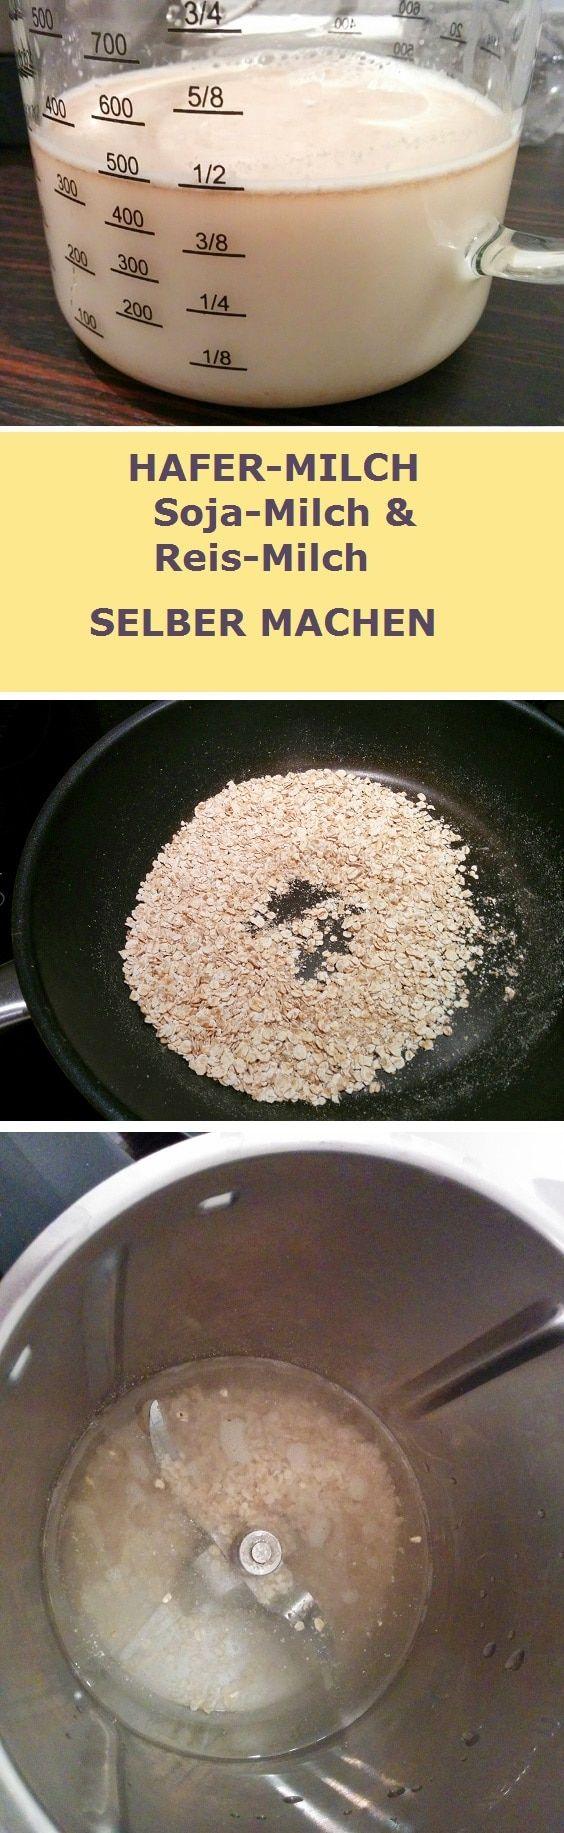 1 Liter Hafermilch aus dem Tetrapak kostet über 2 Euro! Hafermilch selber machen kostet weniger als 0,10 € !!! Das Rezept funktioniert auch für Reismilch und Sojamilch. Zum Hafermilch-Rezept